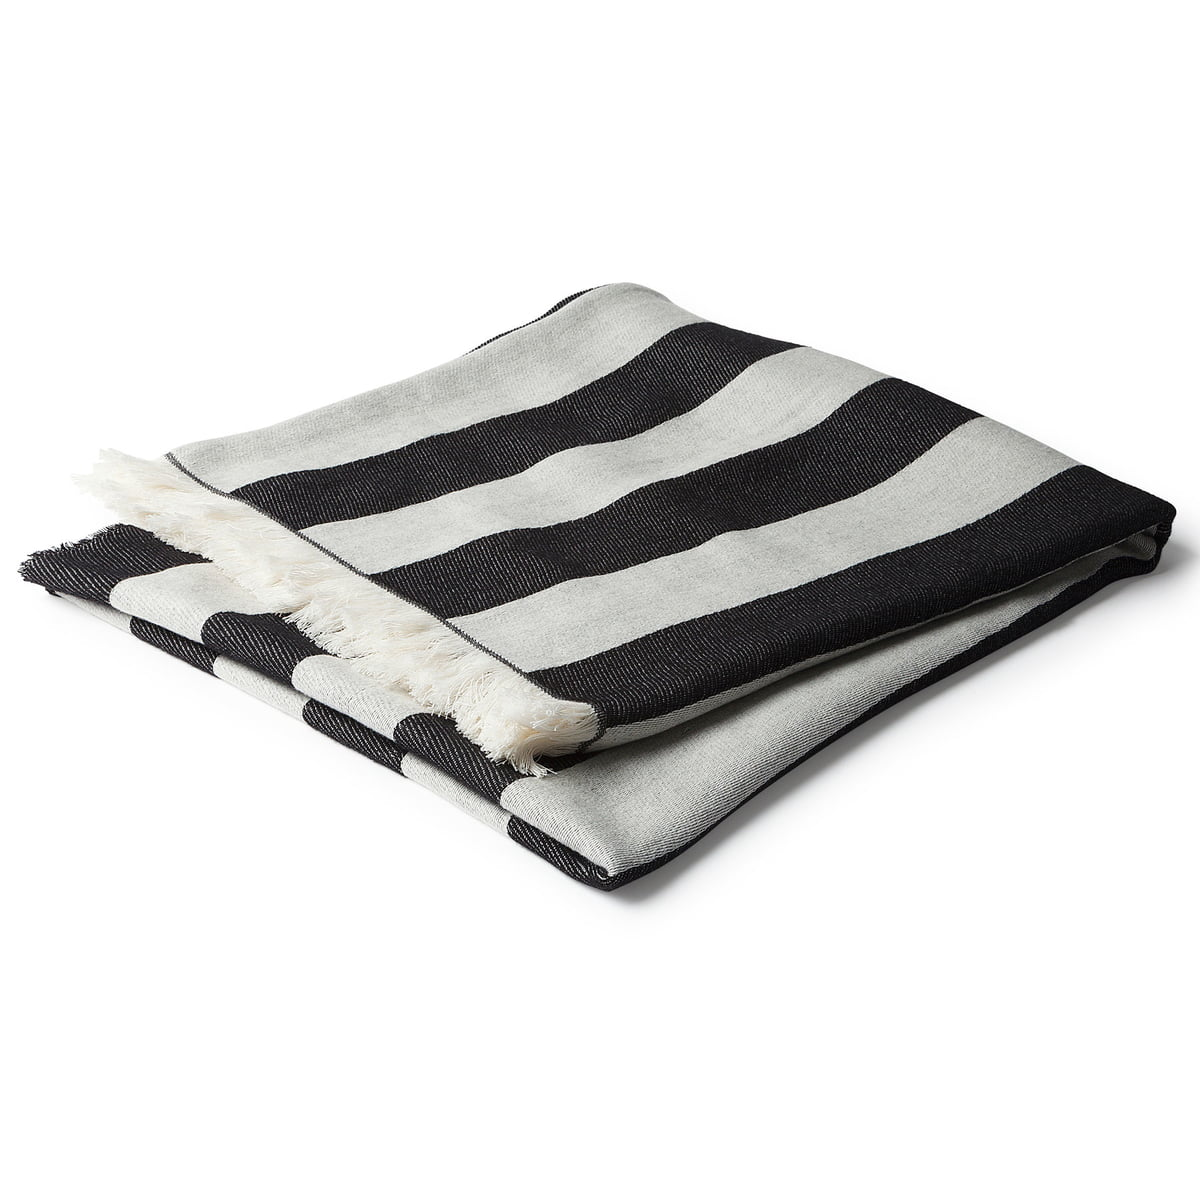 wolldecke von marimekko im shop kaufen. Black Bedroom Furniture Sets. Home Design Ideas